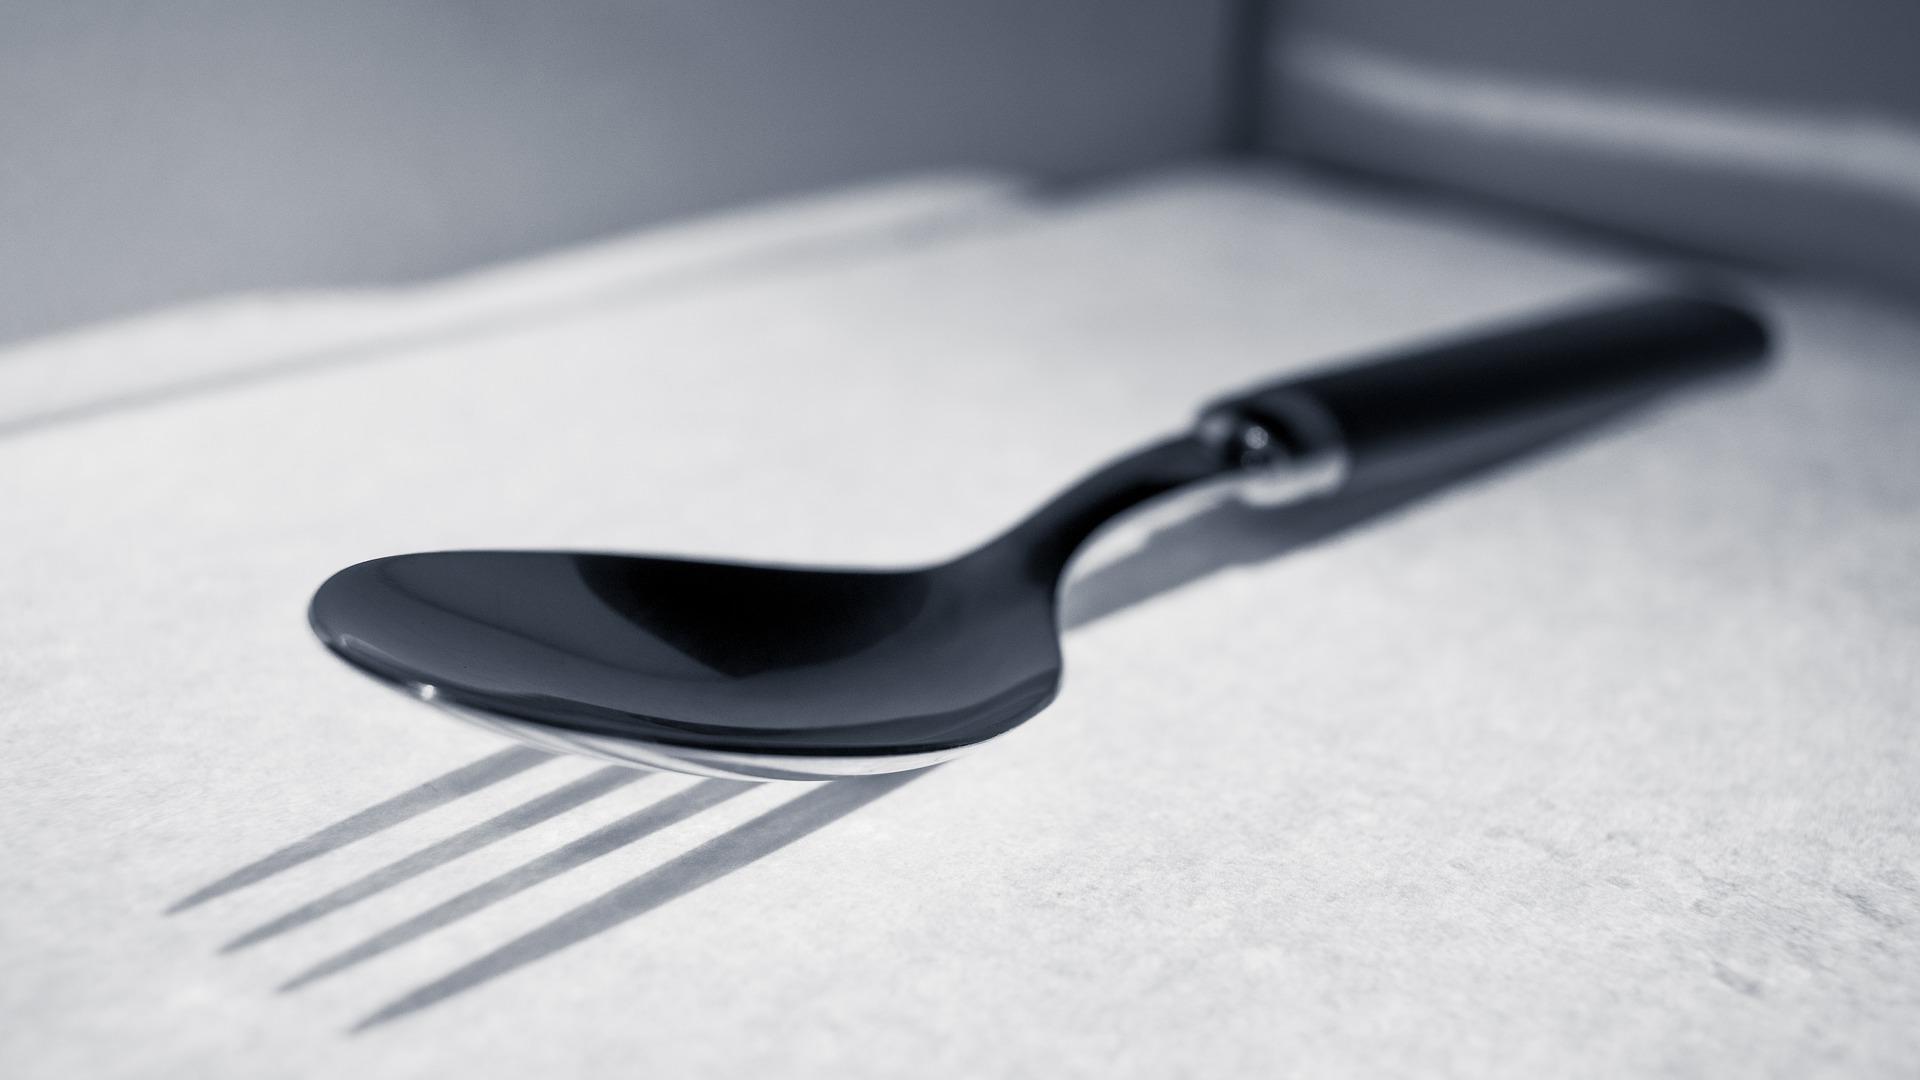 eat-slowly-spoon-3020673_1920.jpg